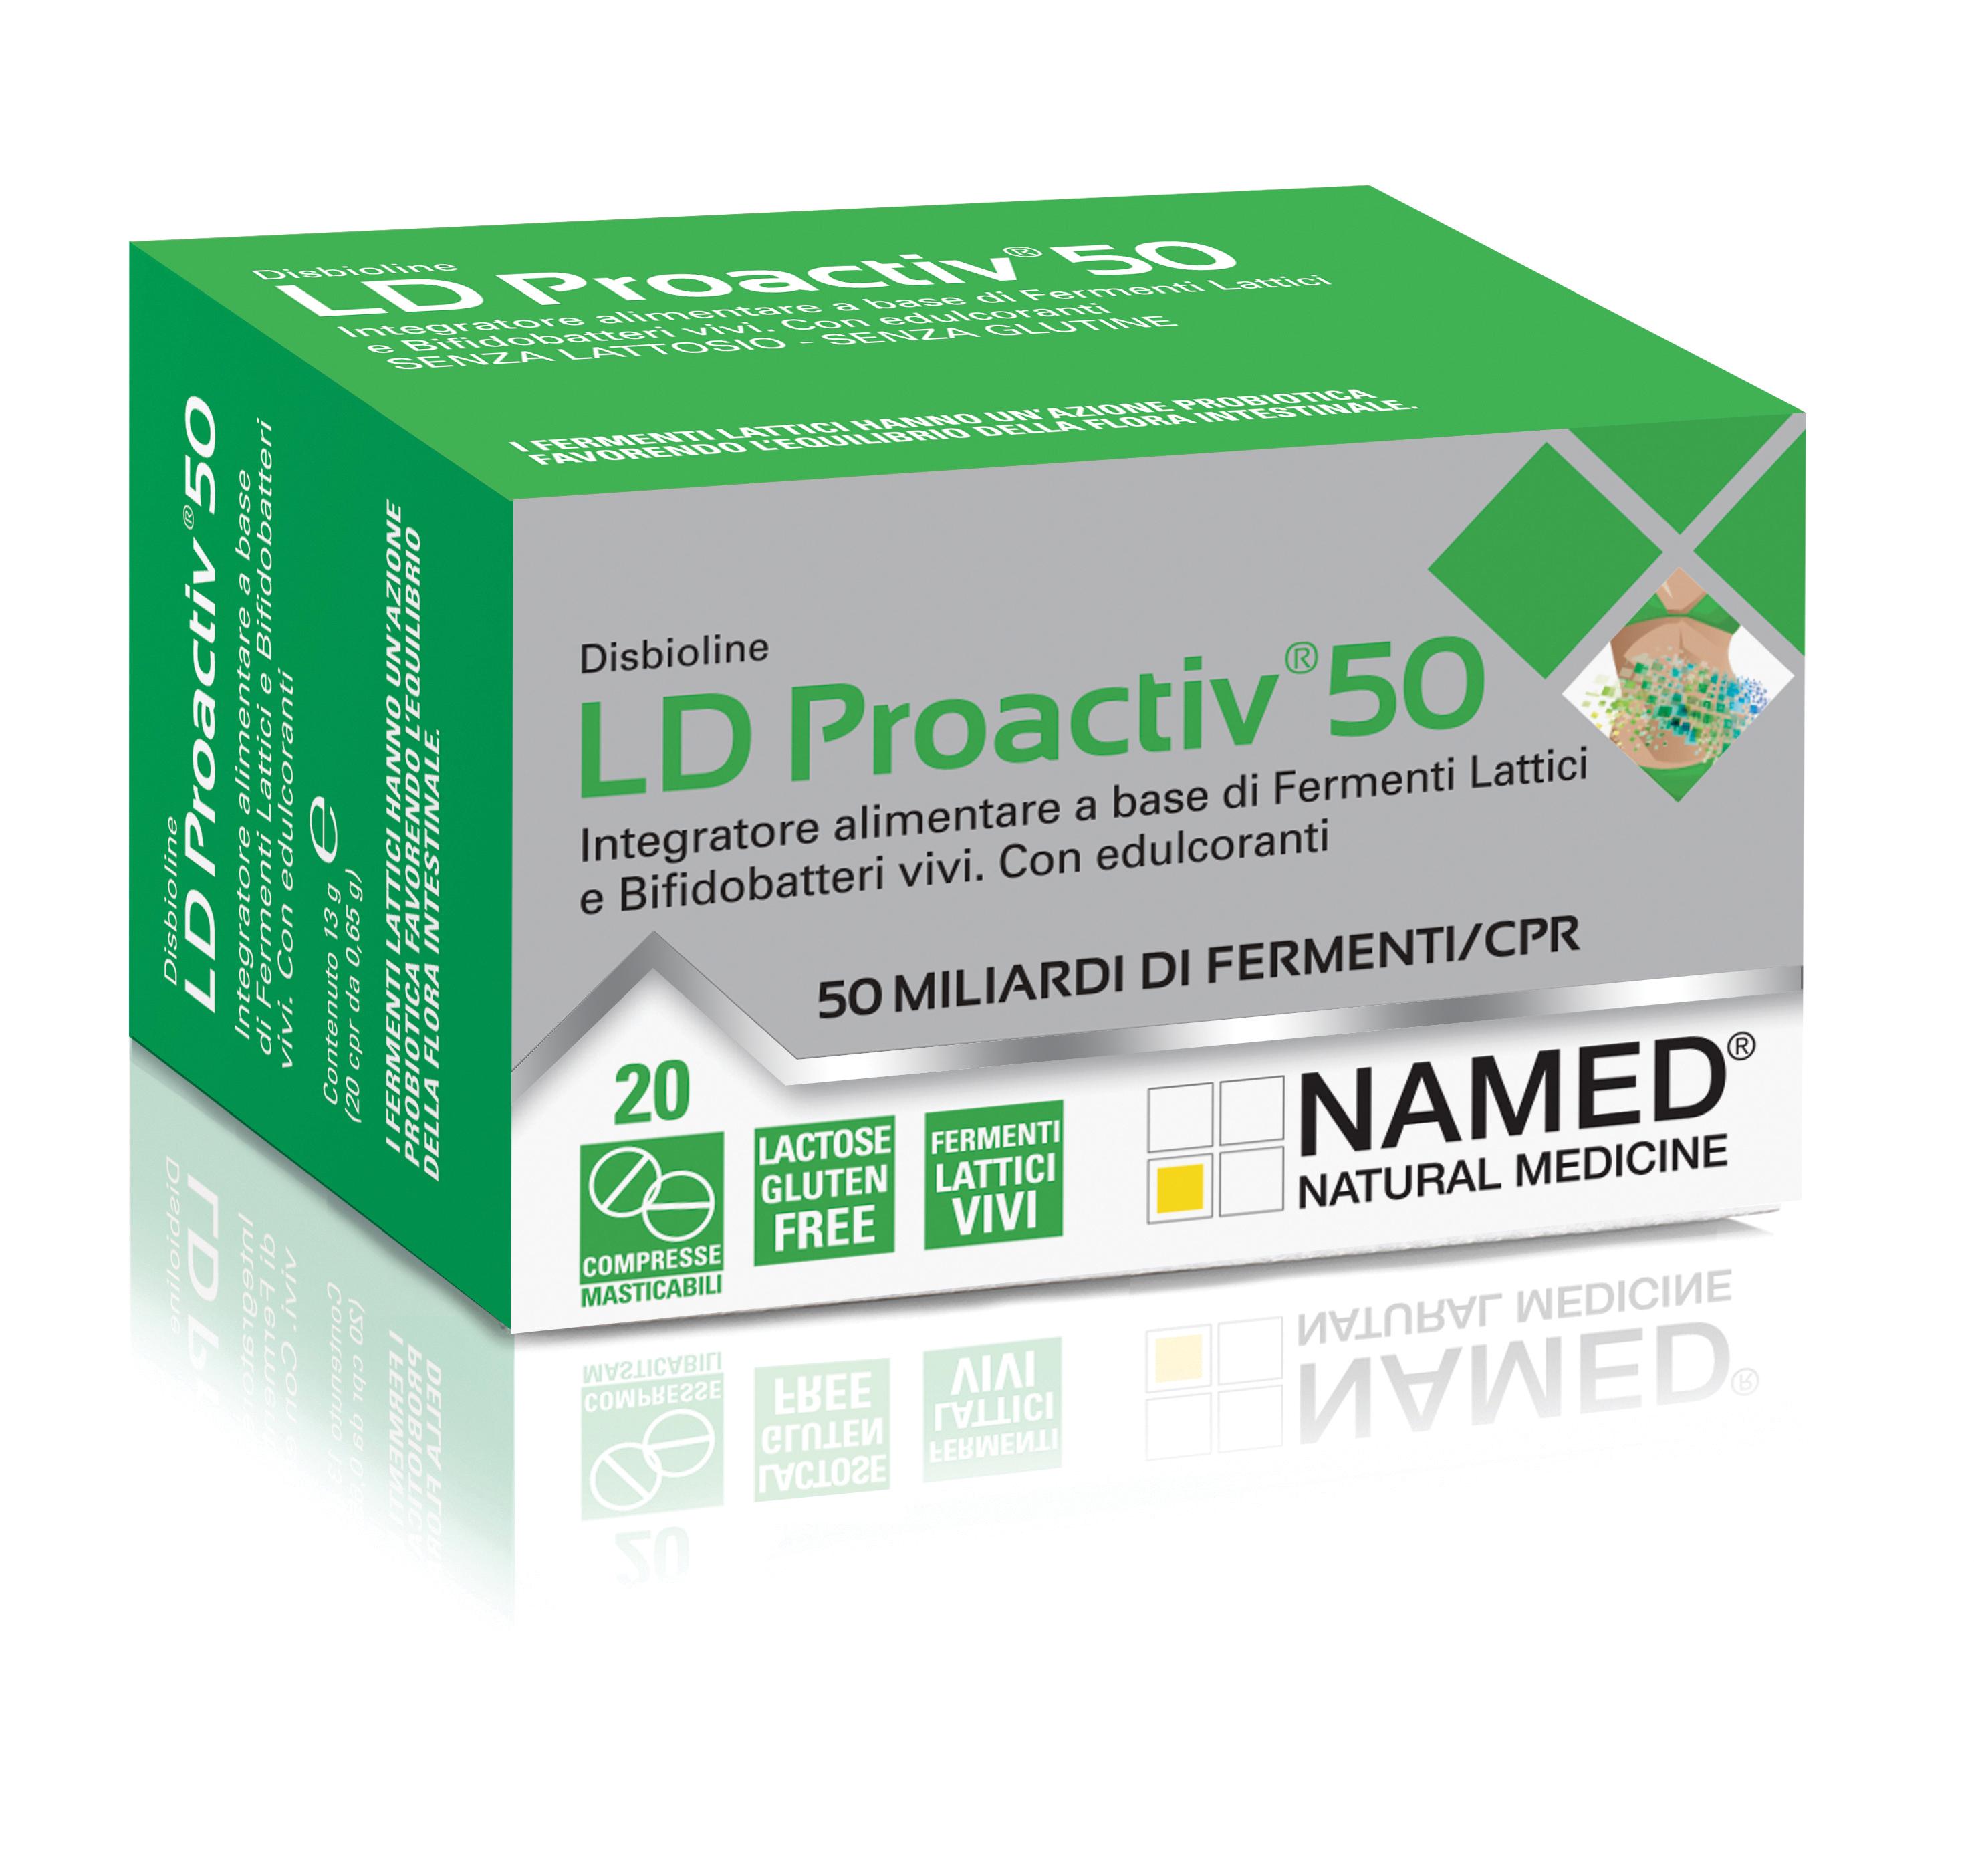 named Disbioline LD Proactiv 50